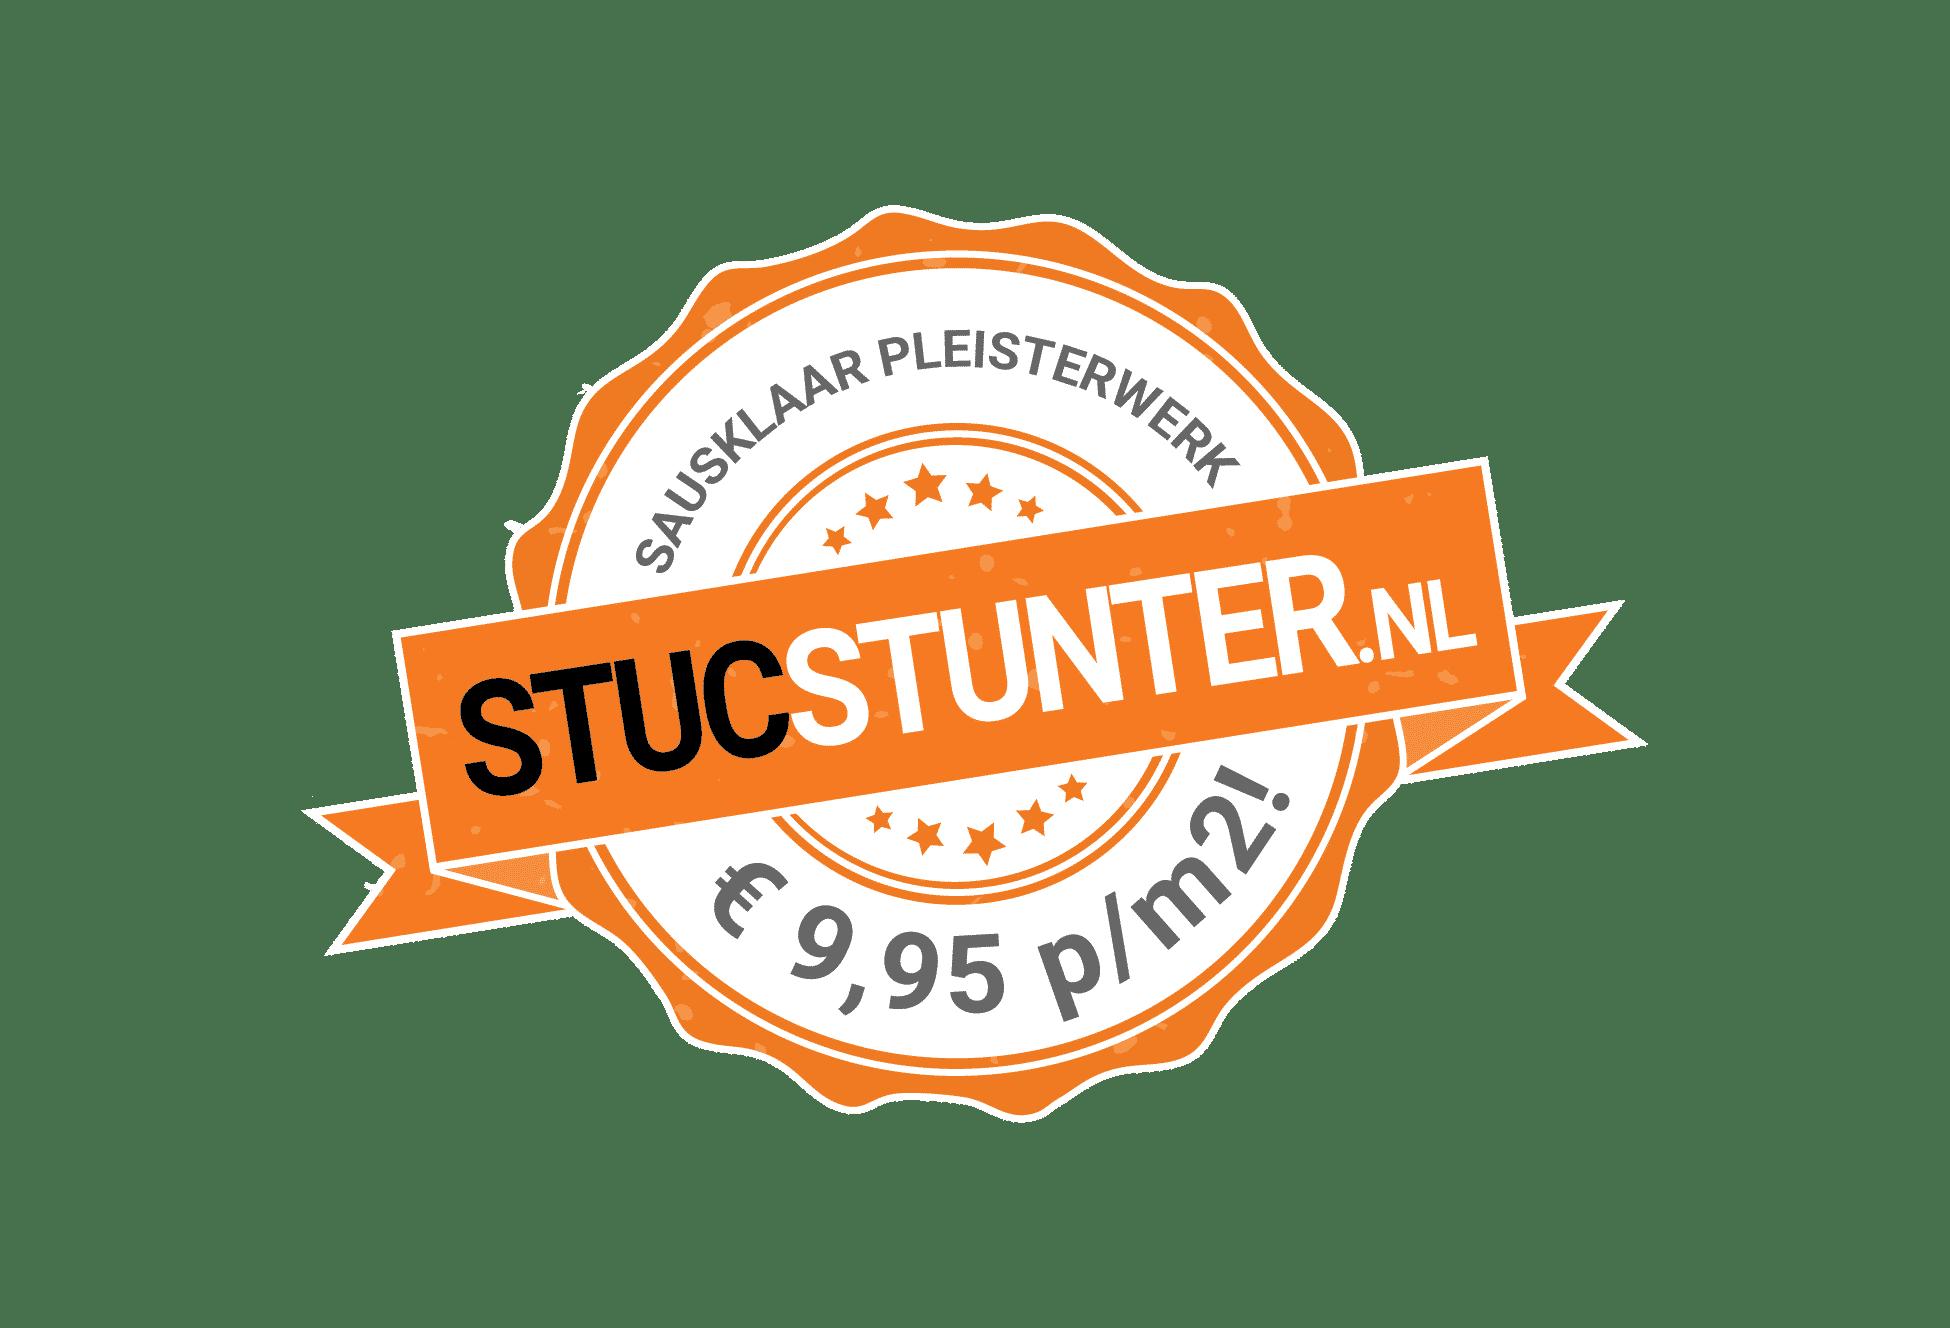 STUCSTUNTER.nl